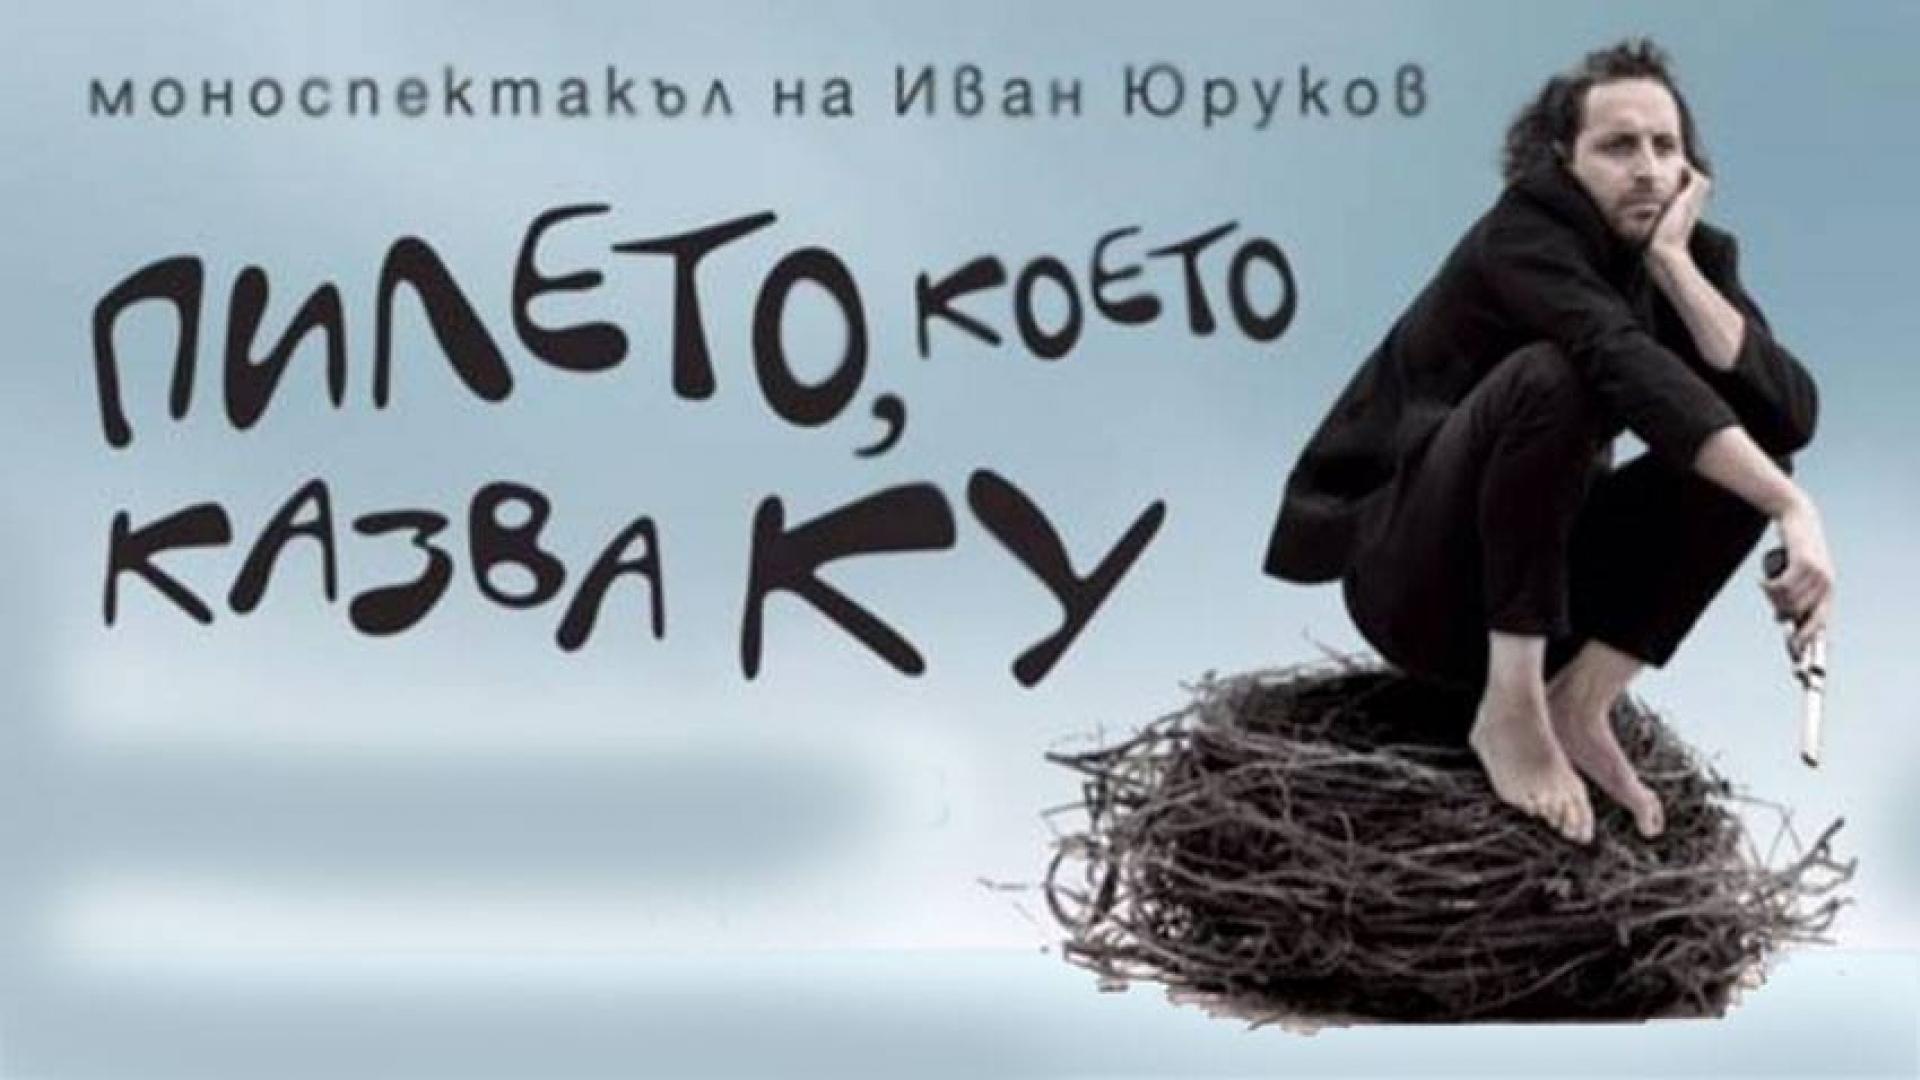 """Моноспектакълът """"Пилето, което казва КУ"""" на Иван Юруков на русенска сцена"""